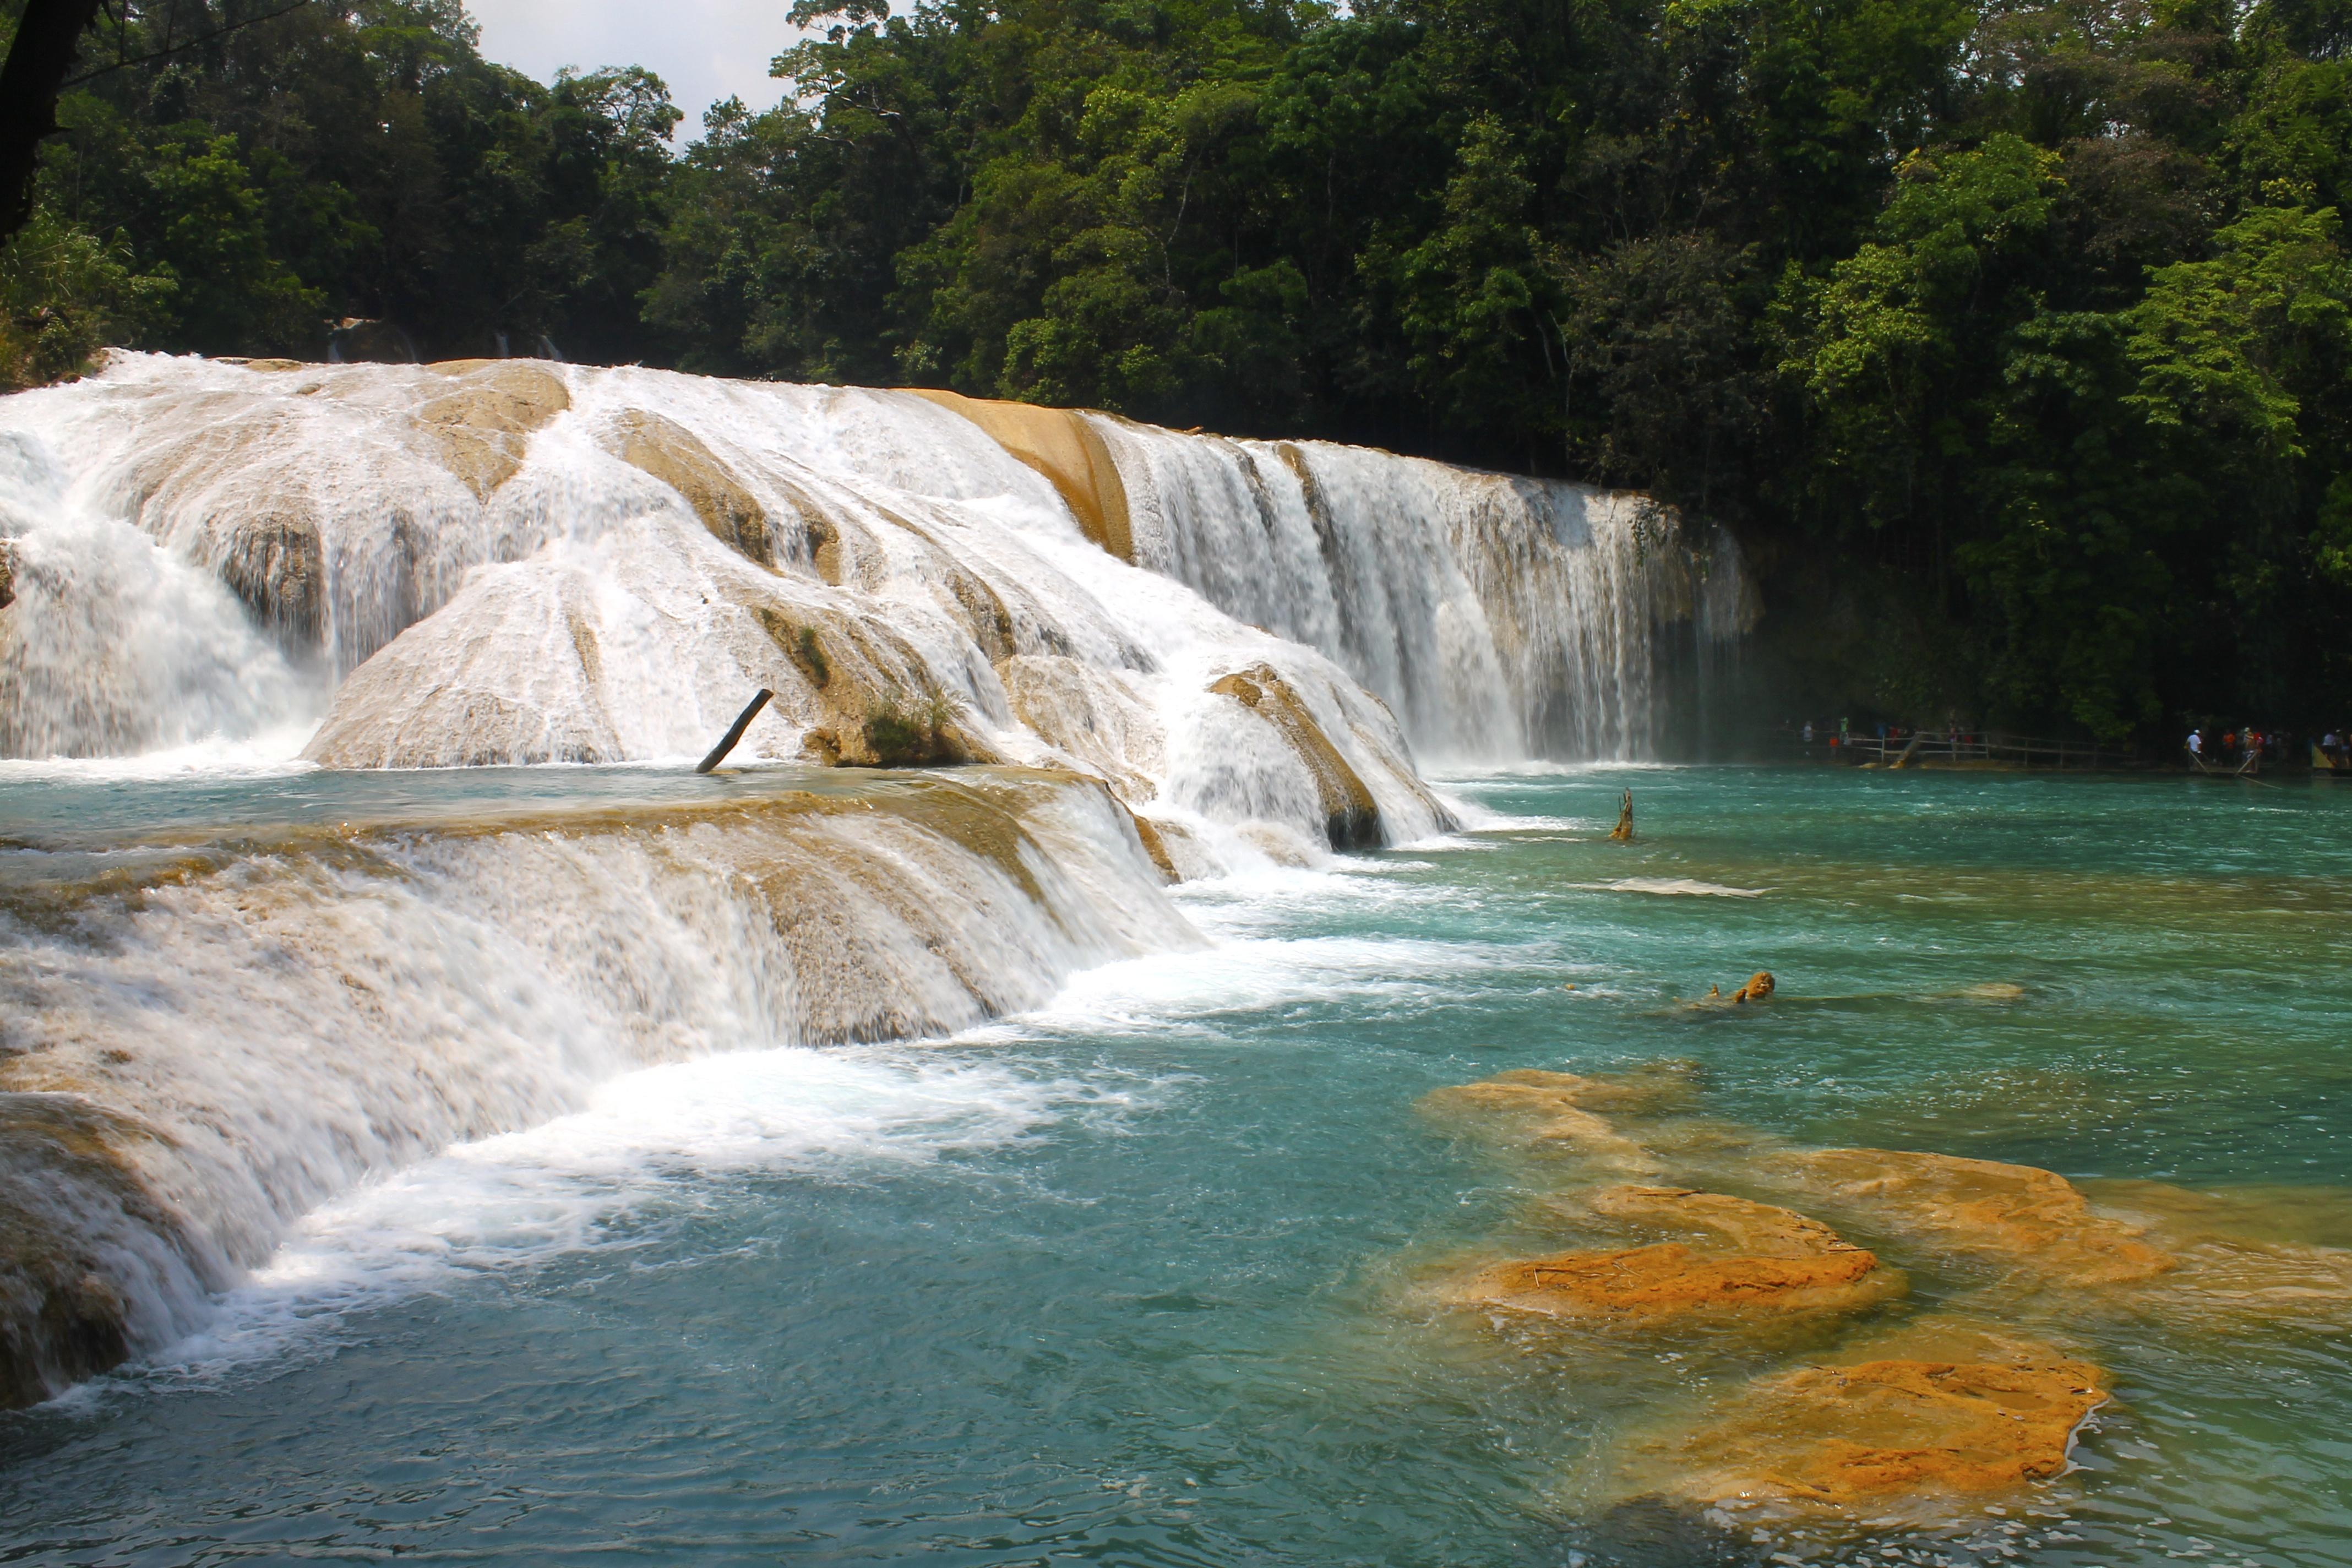 Las piscinas naturales m s hermosas de la tierra p gina - Piscinas naturales mexico ...